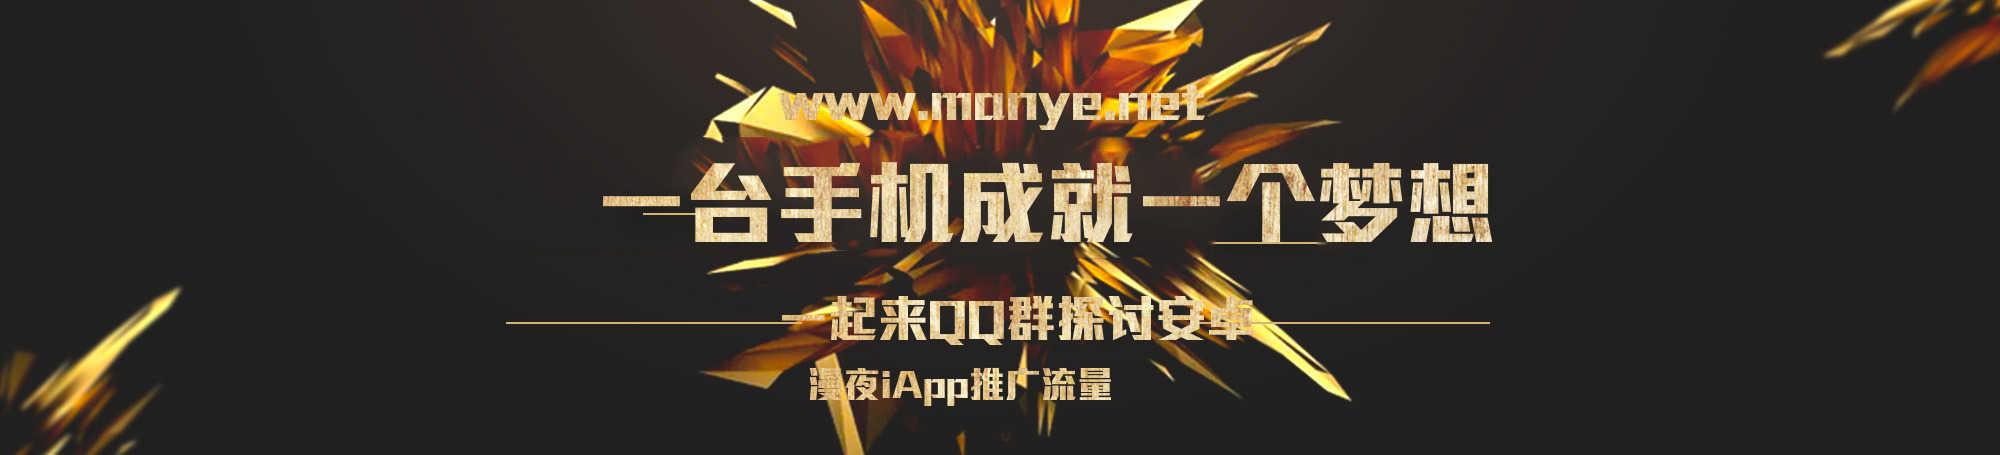 iApp文本彩色闪耀代码